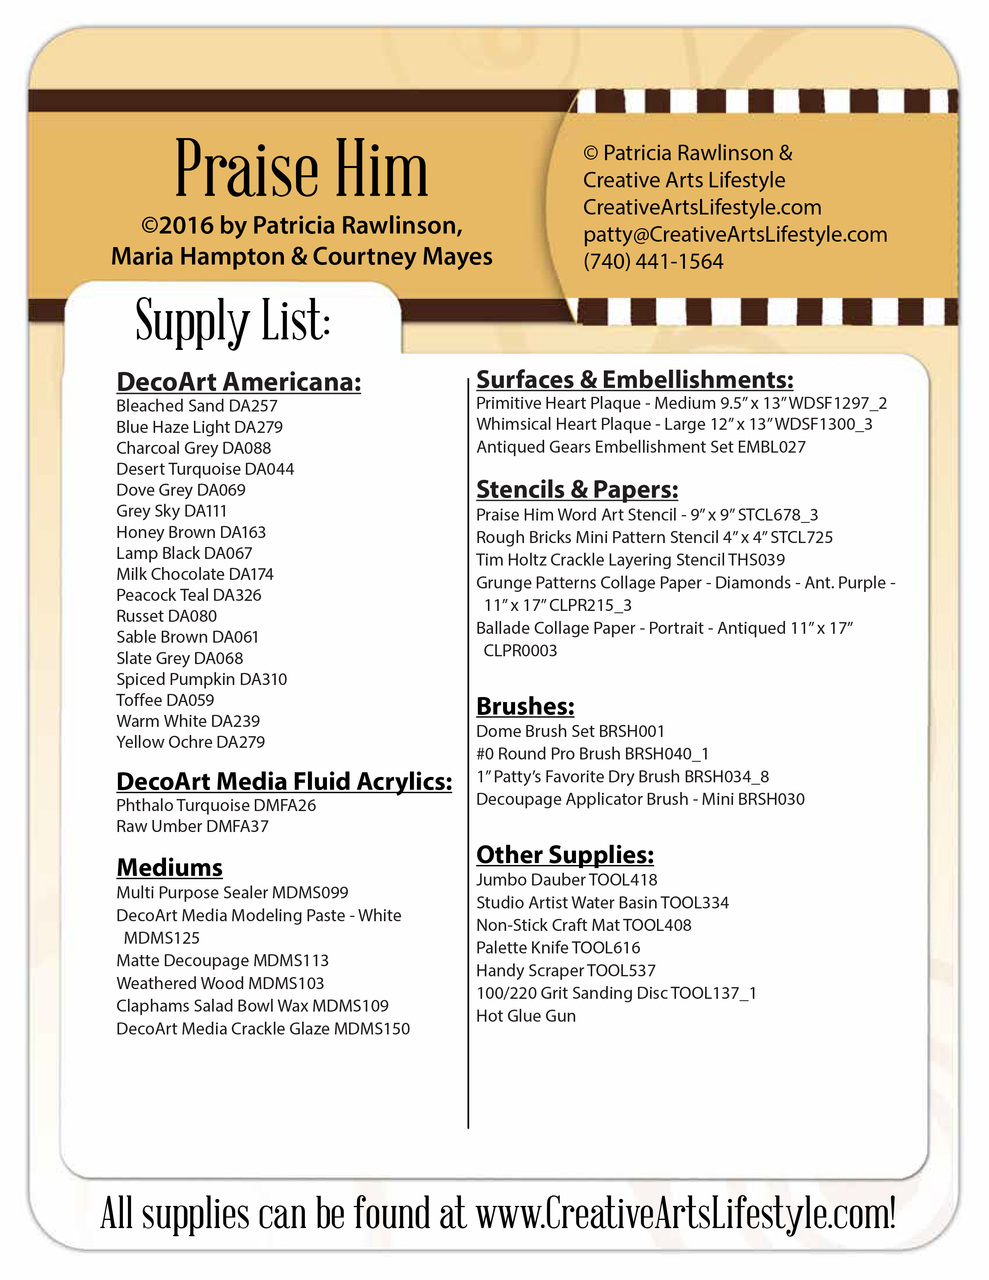 Praise Him - E-Packet - Patricia Rawlinson